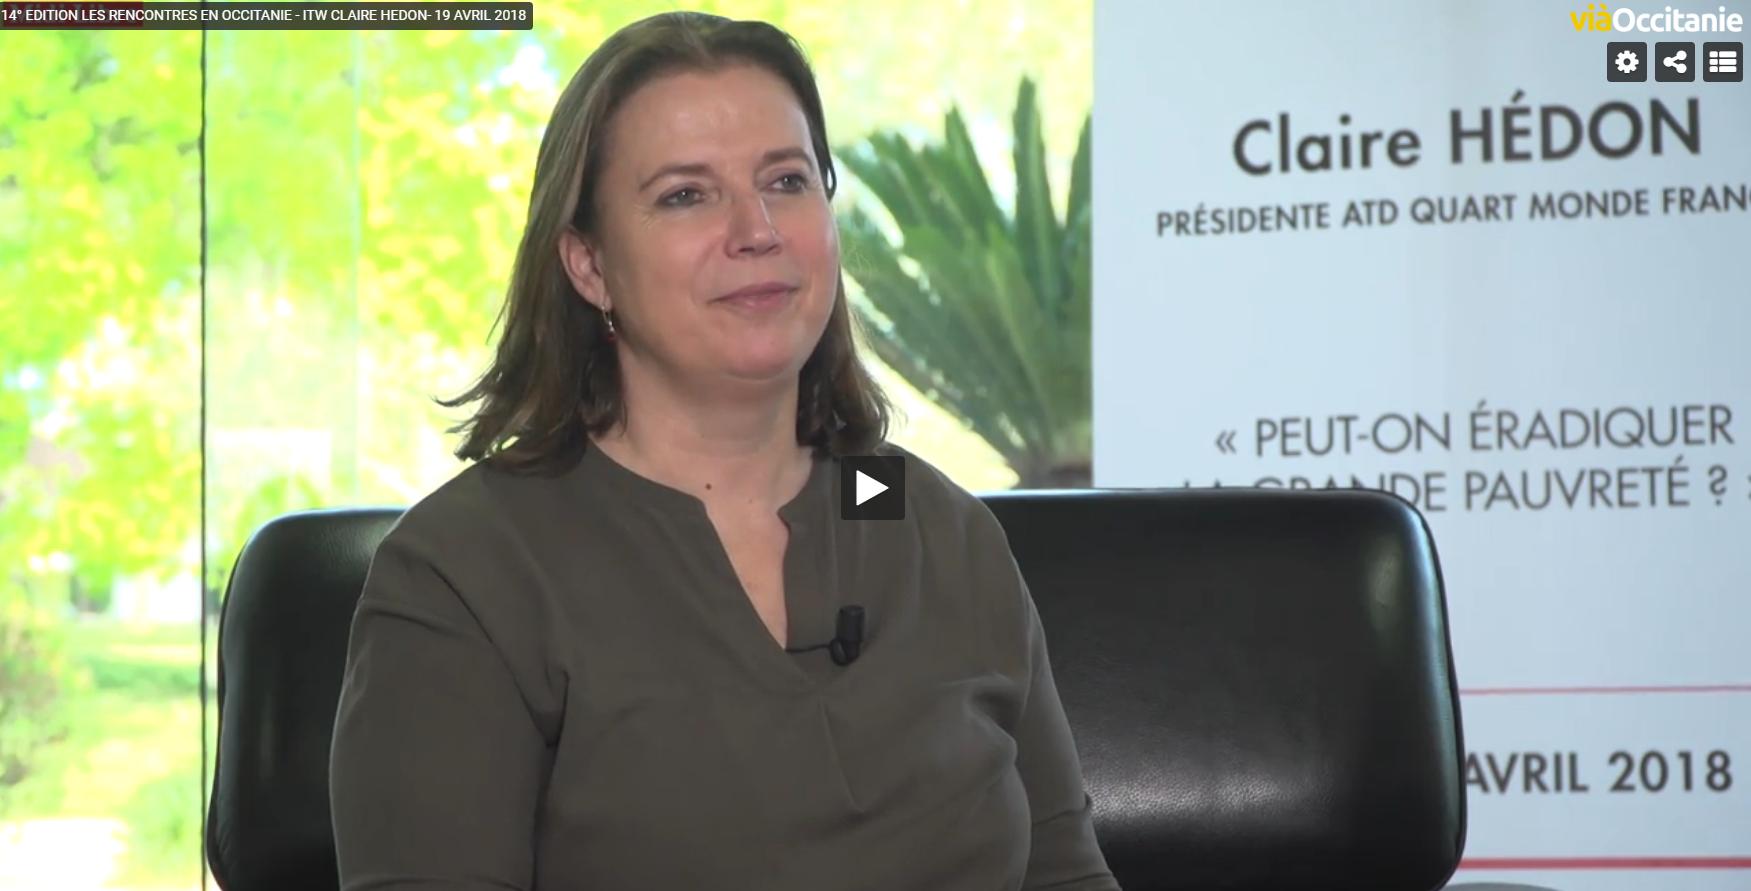 Interview vidéo Claire Hédon - 14ème édition Les Rencontres d'Occitanie